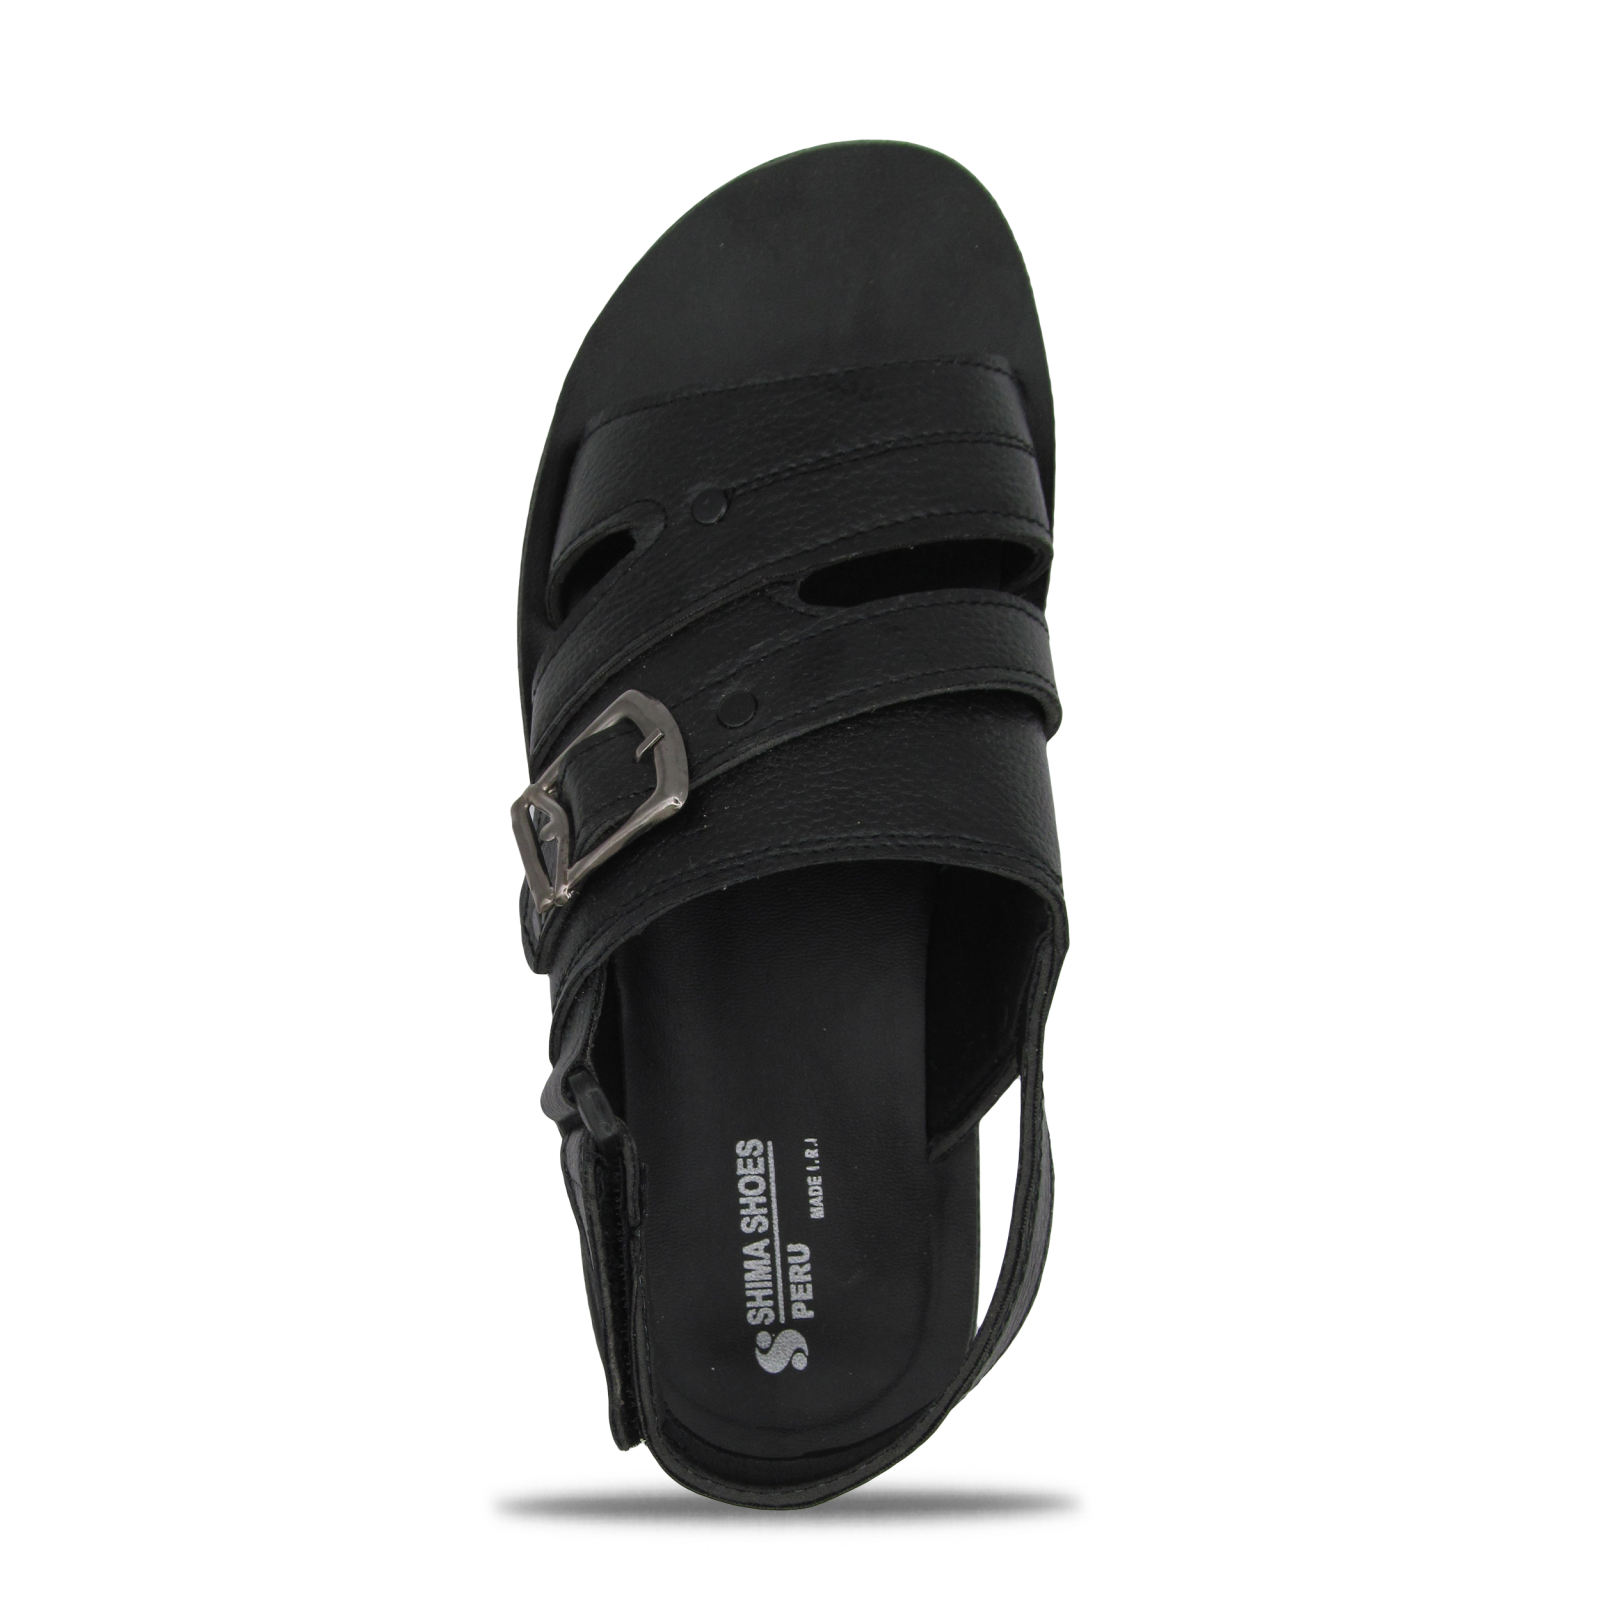 صندل مردانه کفش شیما مدل پرو کد 1806 -  - 5